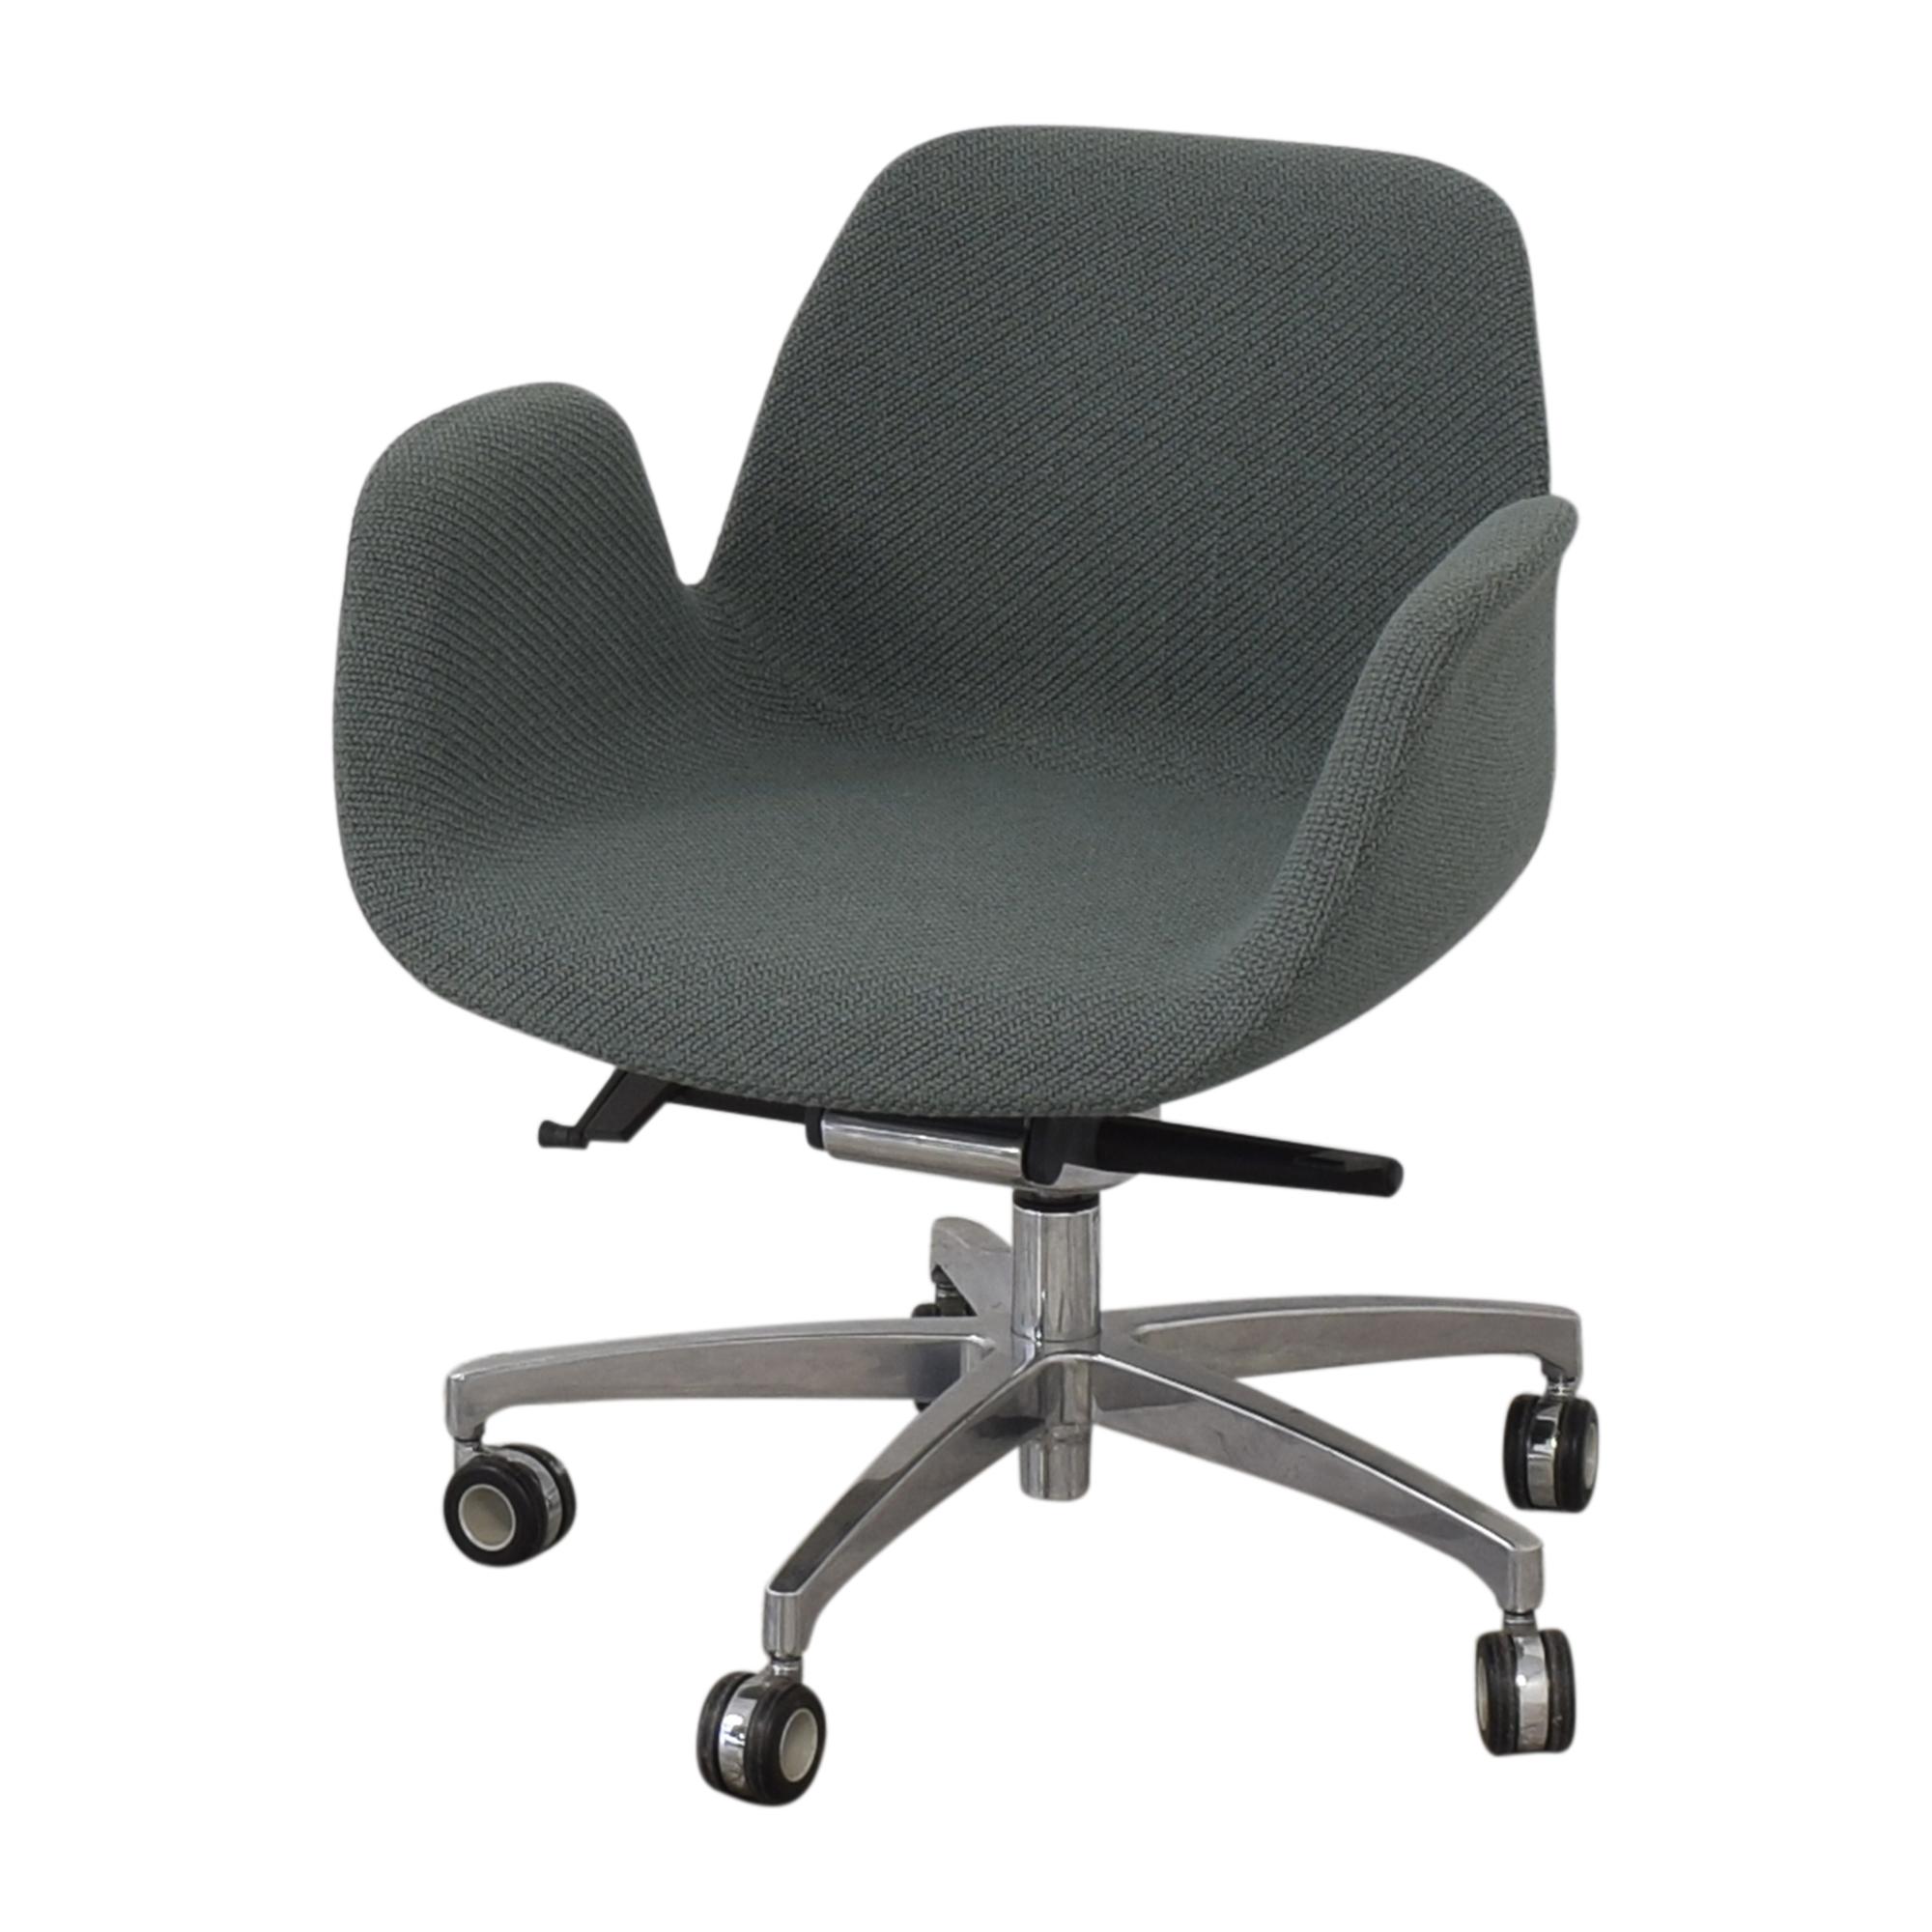 buy Koleksiyon Halia Operator Task Chair Koleksiyon Home Office Chairs